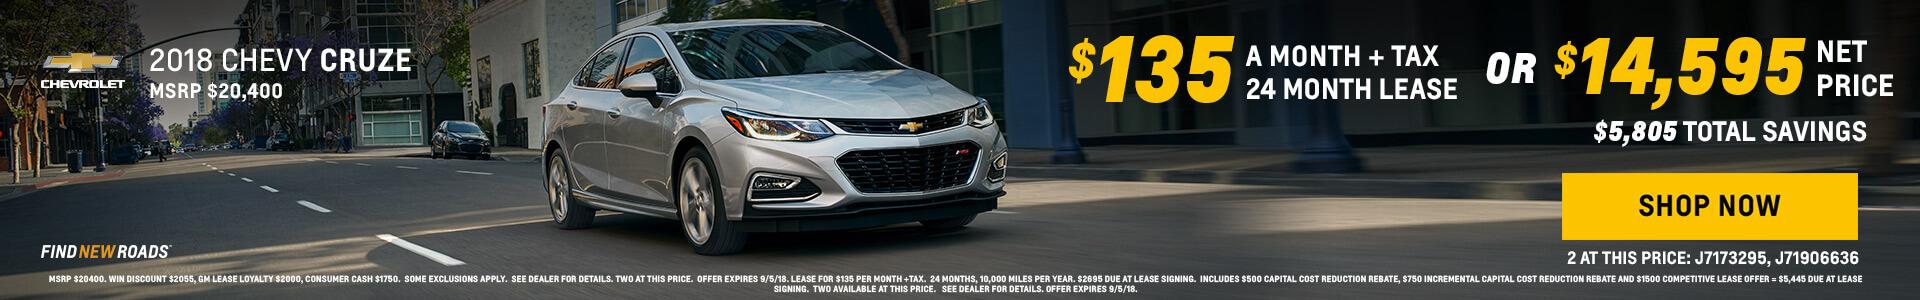 2018 Chevy Cruze $14595